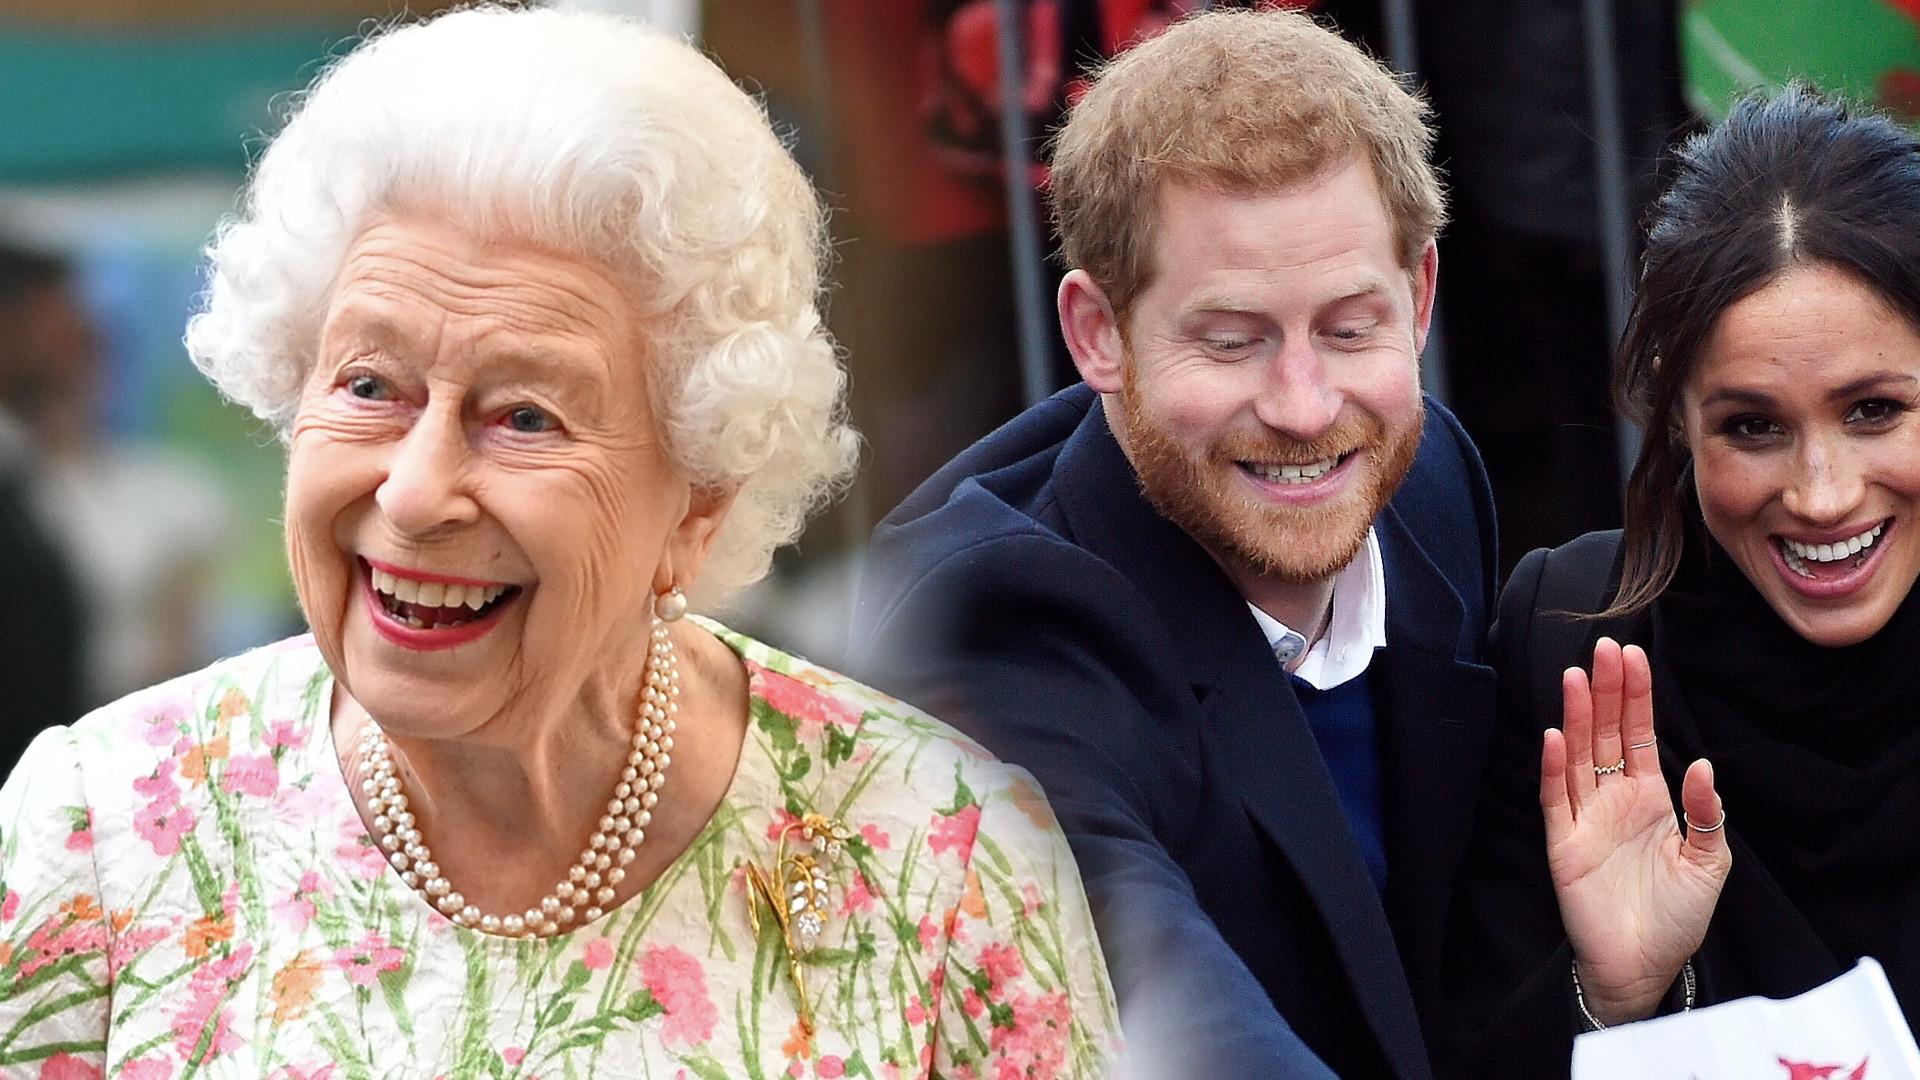 Królowa Elżbieta podczas ostatniego wyjścia przekazała sekretną wiadomość dla Meghan i Harry'ego